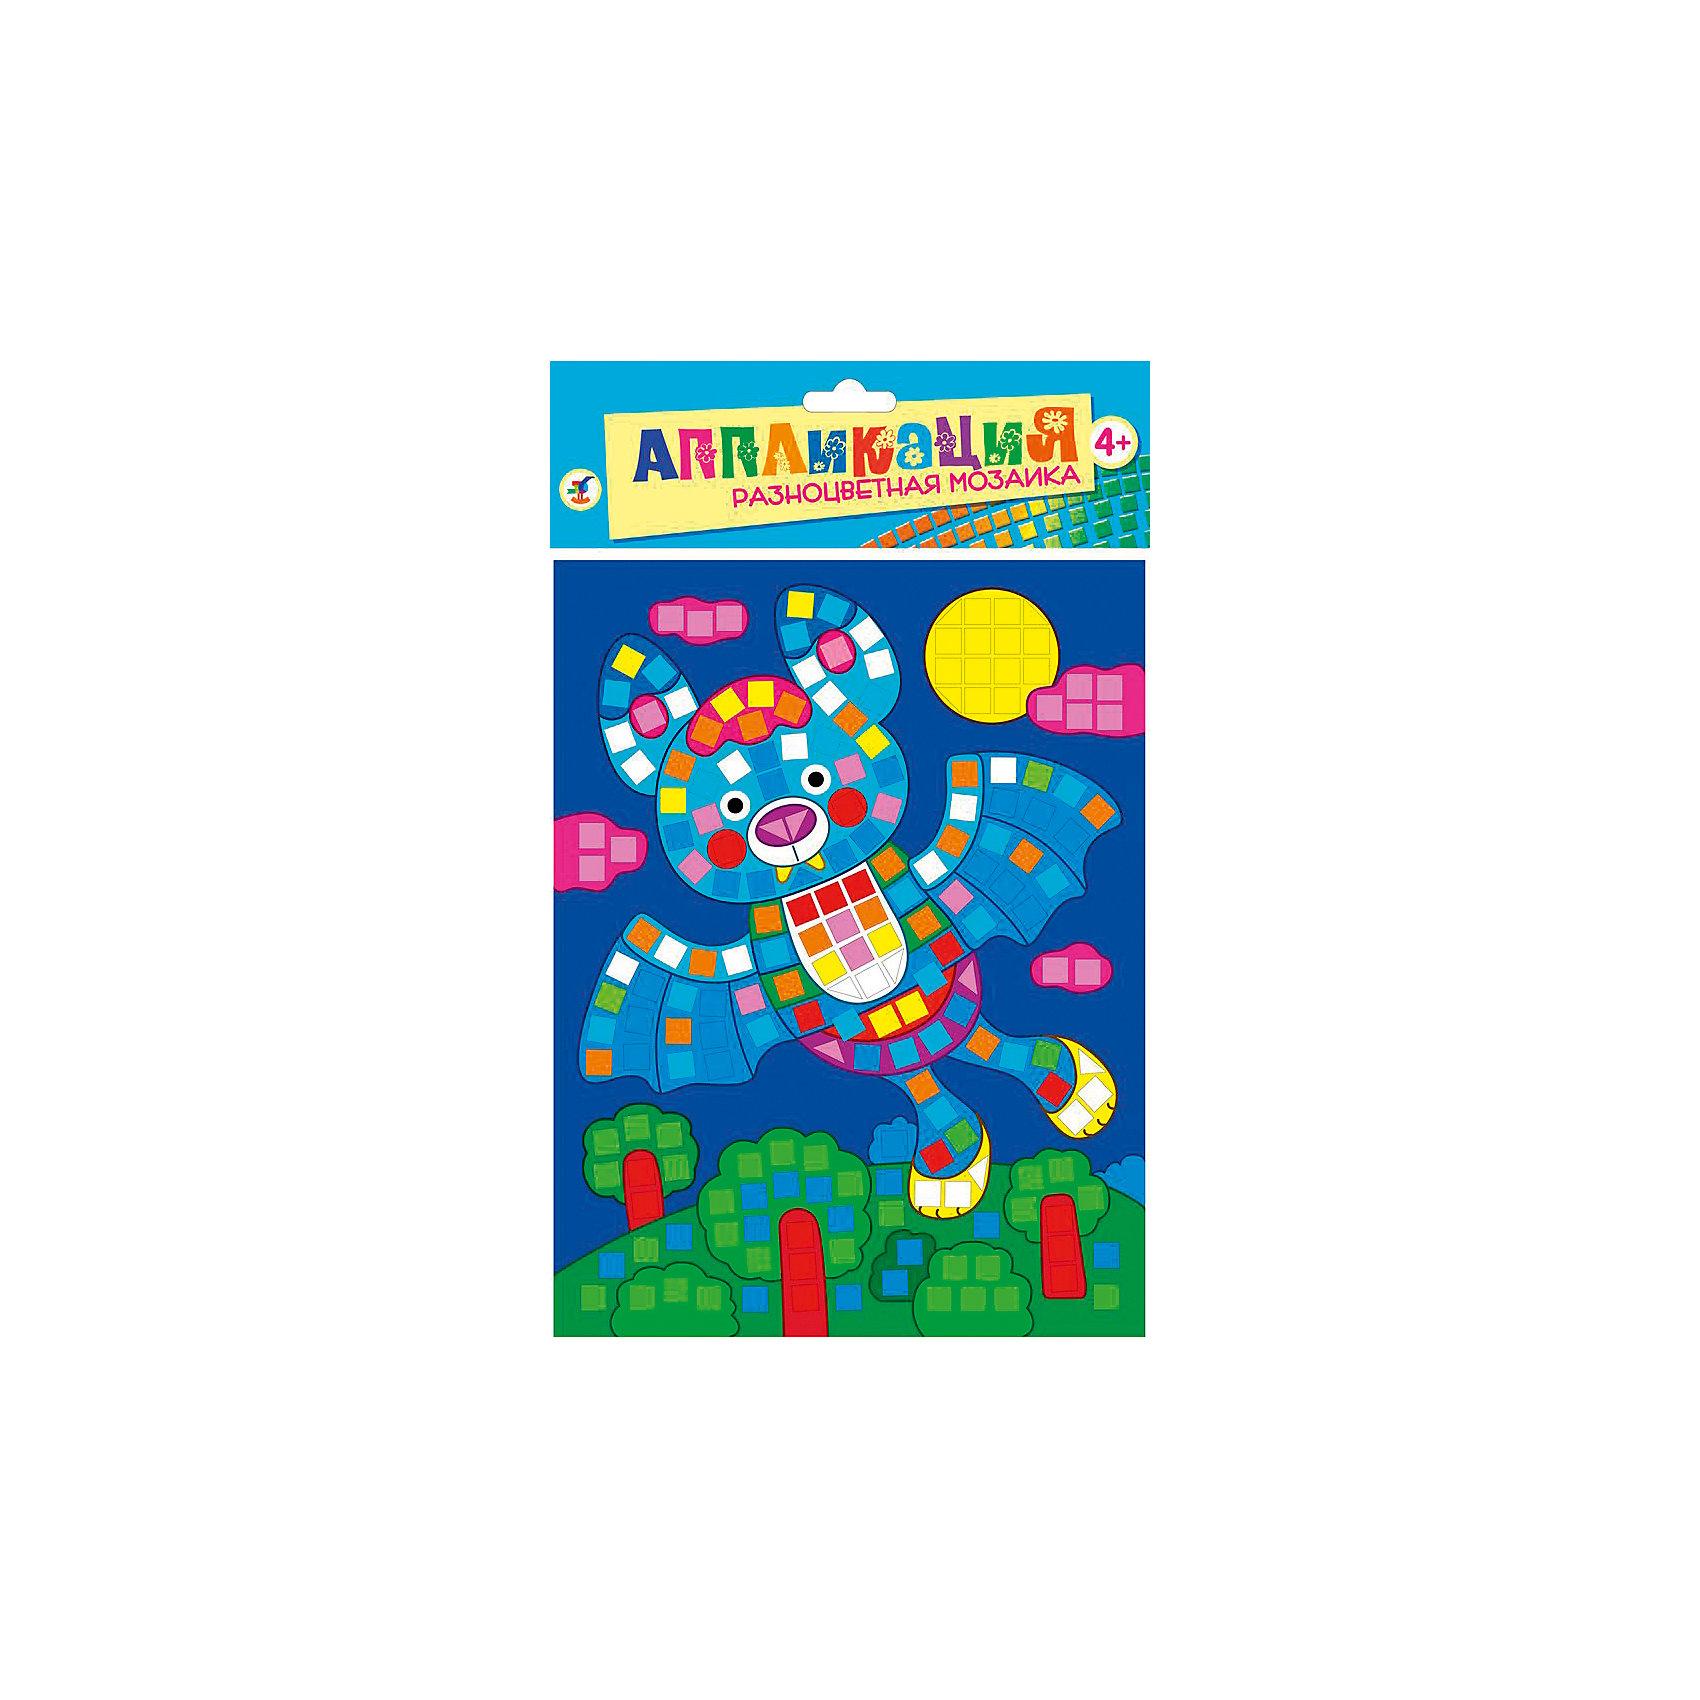 Разноцветная мозаика мини Летучая мышьМозаика<br>Разноцветная мозаика Летучая мышь - увлекательный набор для детского творчества, который поможет Вашему ребенку без ножниц и клея сделать красивую картинку. Техника выполнения мозаики проста и не представляет сложностей: на картинку-основу уже нанесен рисунок со схемой размещения квадратиков, нужно лишь снять защитную пленку с деталей и аккуратно вклеить их согласно образцу. Разноцветные детали-квадратики выполнены из мягкого, приятного на ощупь материала ЭВА.. Все элементы имеют самоклеющуюся основу, легко приклеиваются и прочно держатся. Итогом работы станет красочная мозаика с изображением разноцветной летучей мыши. Работа с мозаикой развивает у ребенка цветовое восприятие, образно-логическое мышление и пространственное воображение, тренирует мелкую моторику.<br><br>Дополнительная информация:<br><br>- В комплекте: основа с рисунком и схемой размещения квадратиков, самоклеящиеся квадратики из мягкого пластика 8 цветов.<br>- Материал: картон, мягкий пластик ЭВА.<br>- Размер упаковки: 20 х 15 x 0,5 см.<br>- Вес: 38 гр.<br><br>Разноцветную мозаику мини Летучая мышь, Дрофа Медиа, можно купить в нашем интернет-магазине.<br><br>Ширина мм: 160<br>Глубина мм: 205<br>Высота мм: 7<br>Вес г: 85<br>Возраст от месяцев: 48<br>Возраст до месяцев: 2147483647<br>Пол: Унисекс<br>Возраст: Детский<br>SKU: 4561873